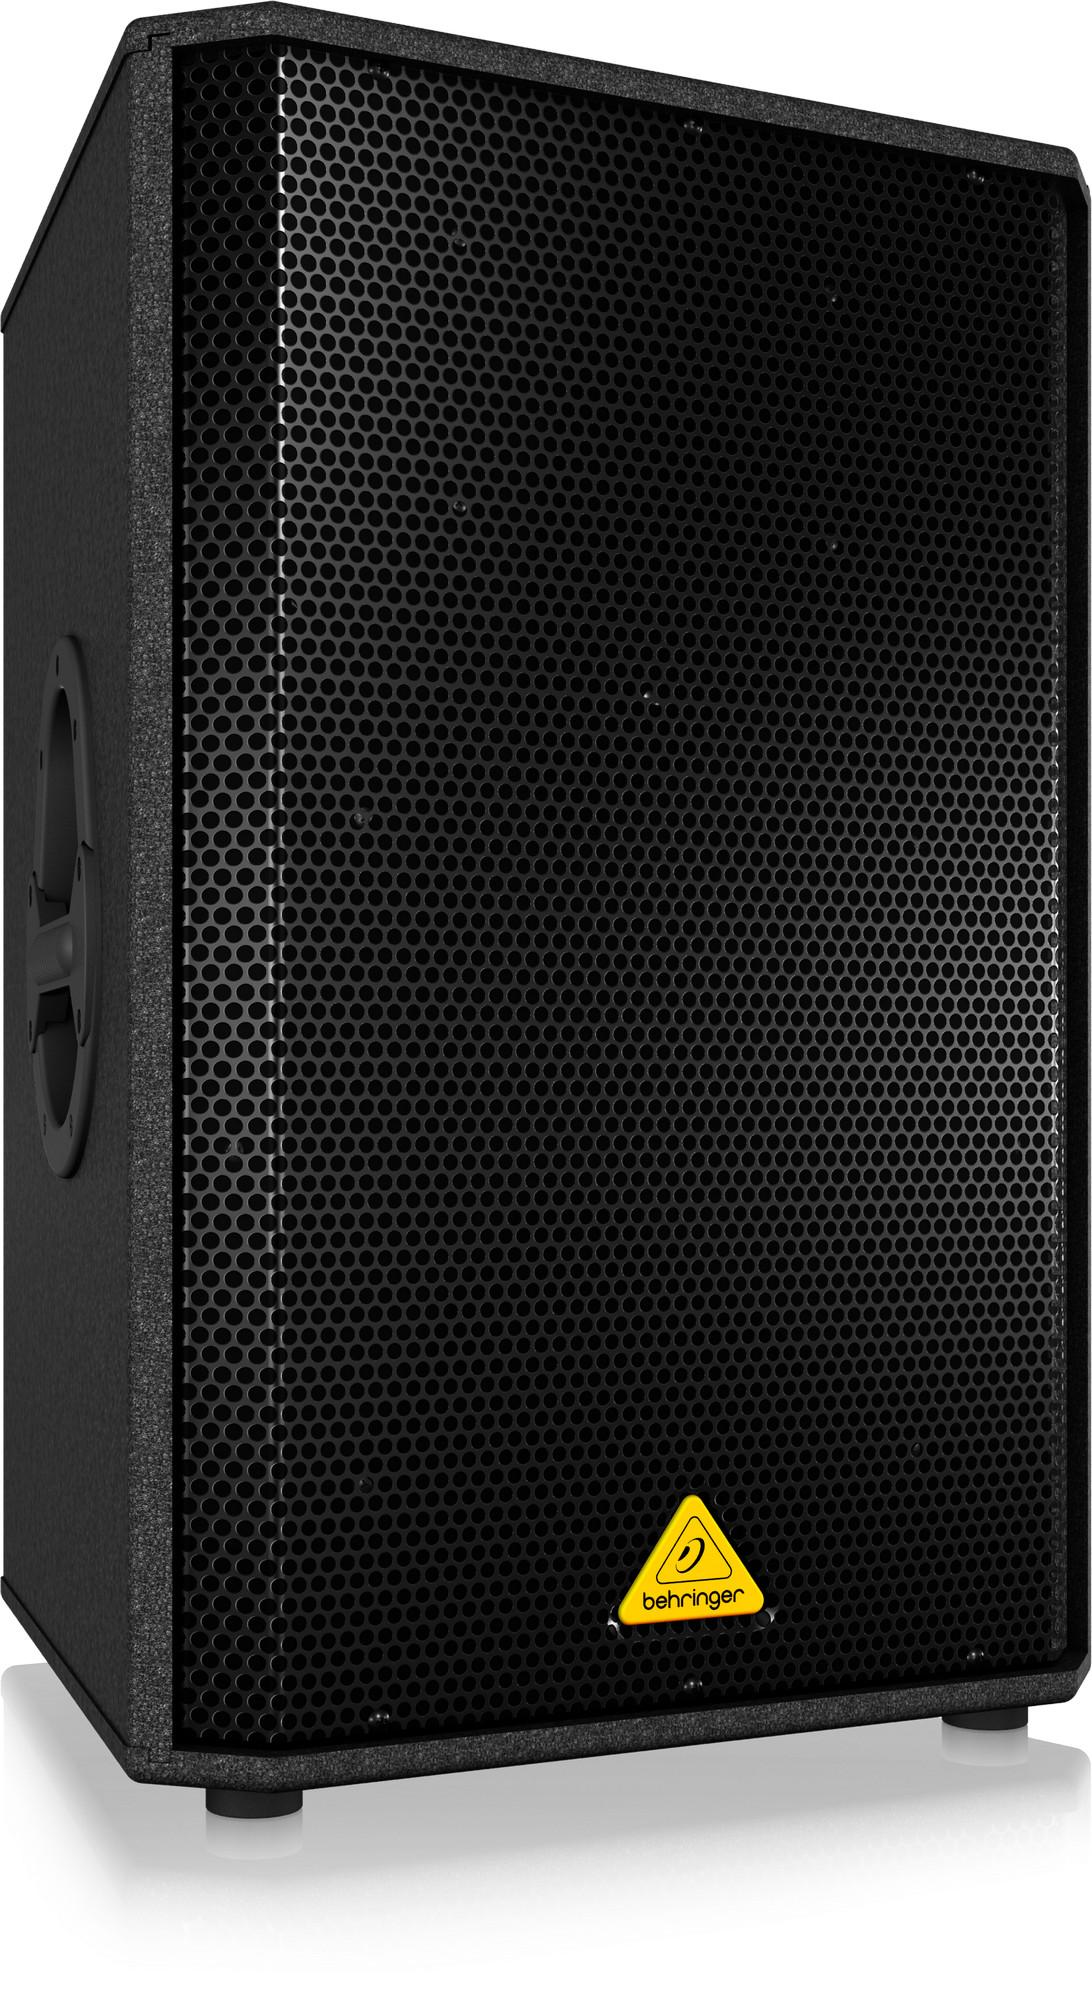 """Loa Behringer VP1520 - 1000 Watt PA Speaker with 15"""" Woofer-Hàng Chính Hãng"""